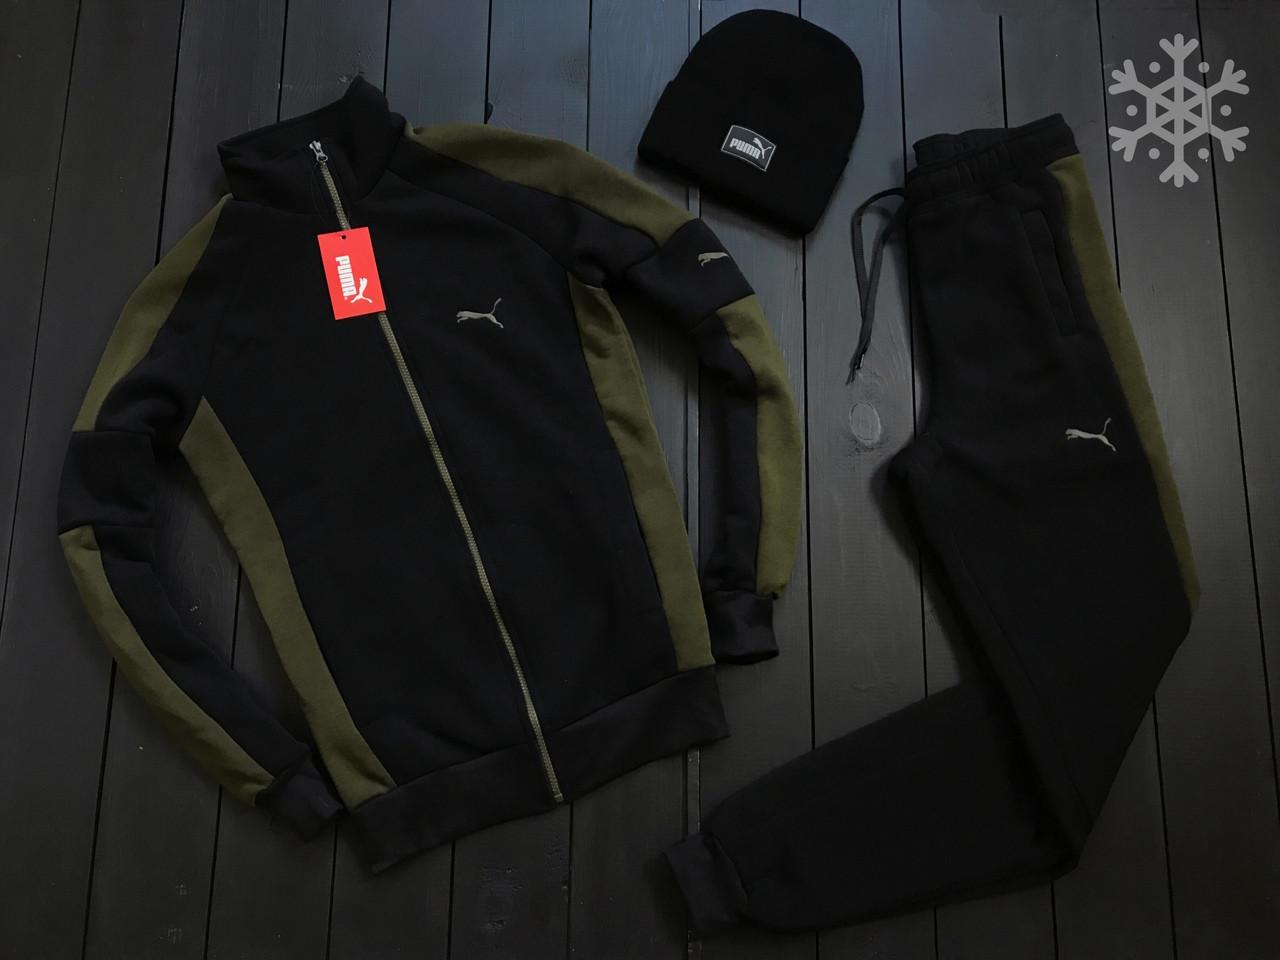 Puma Мужской теплый спортивный костюм черный с лампасами зима/осень.Кофта черная штаны черные демисезонный